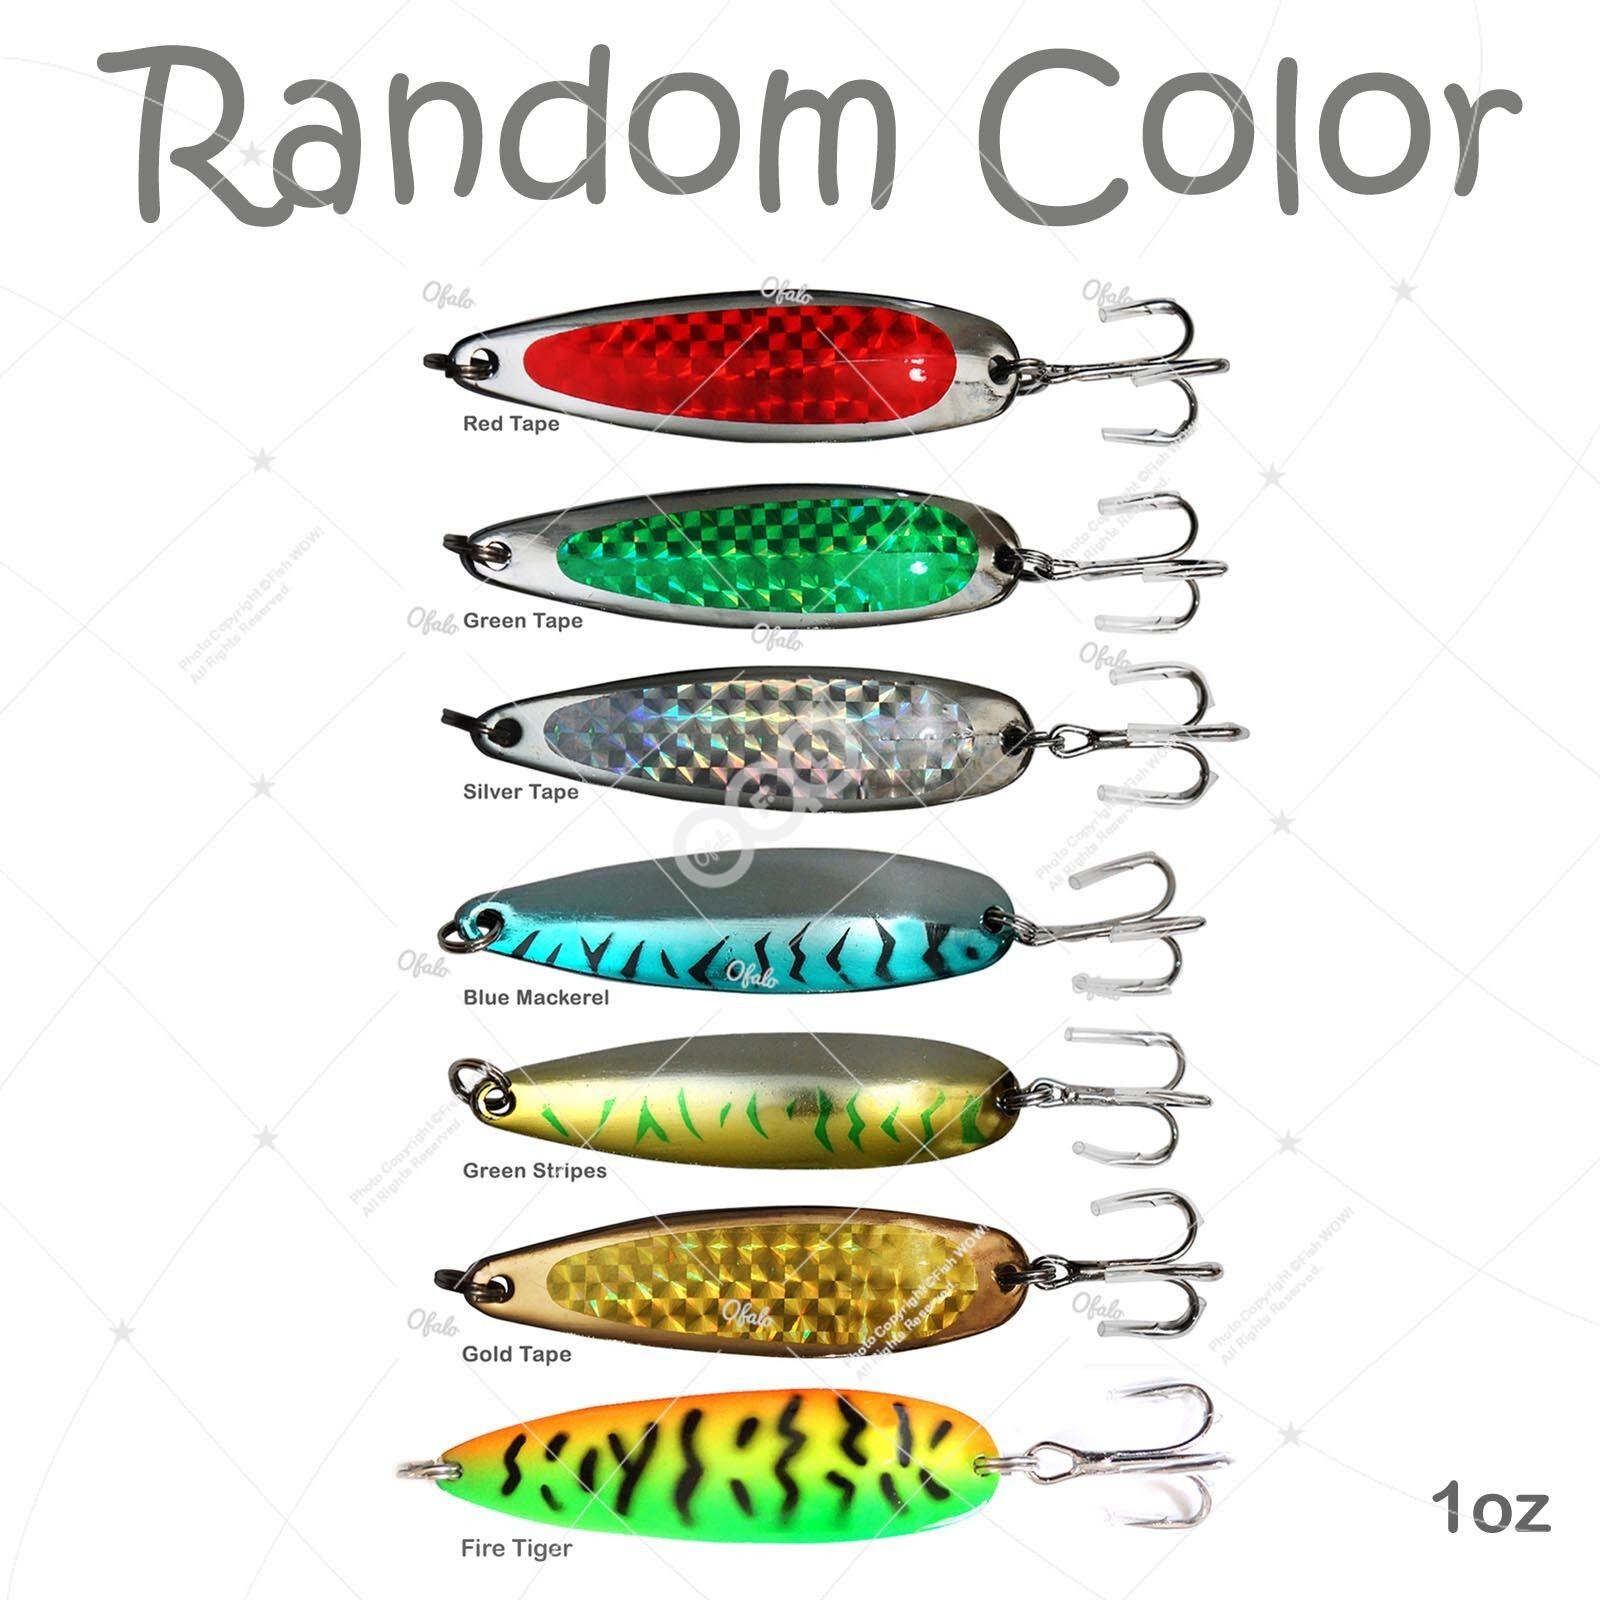 50 un. 1oz Pesca Peces De Metal Cocodrilo Estilo Cucharas Krocodile Jig Colors aleatorios